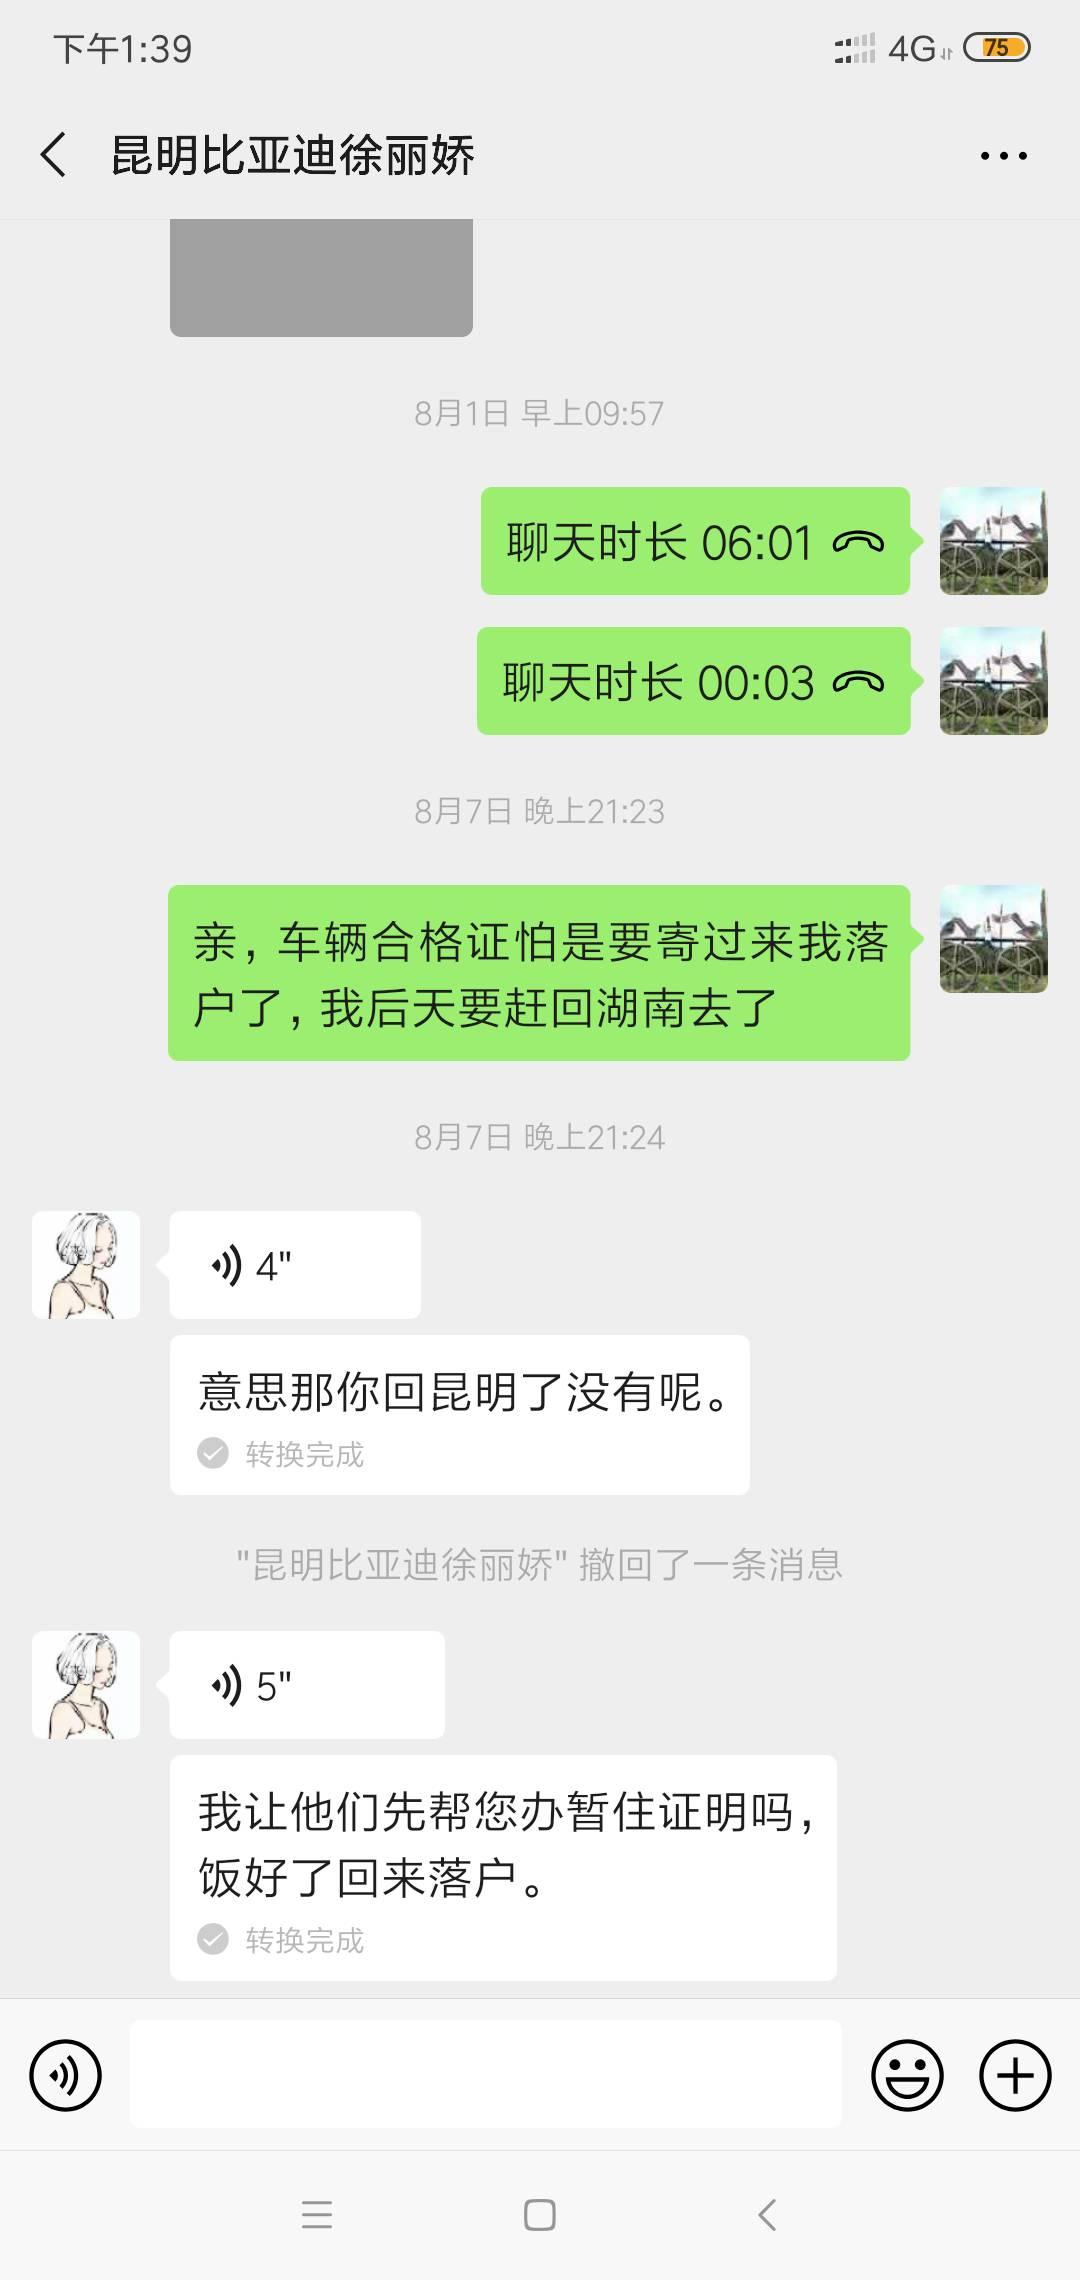 云南迪坤汽车销售公司扣押车辆合格证